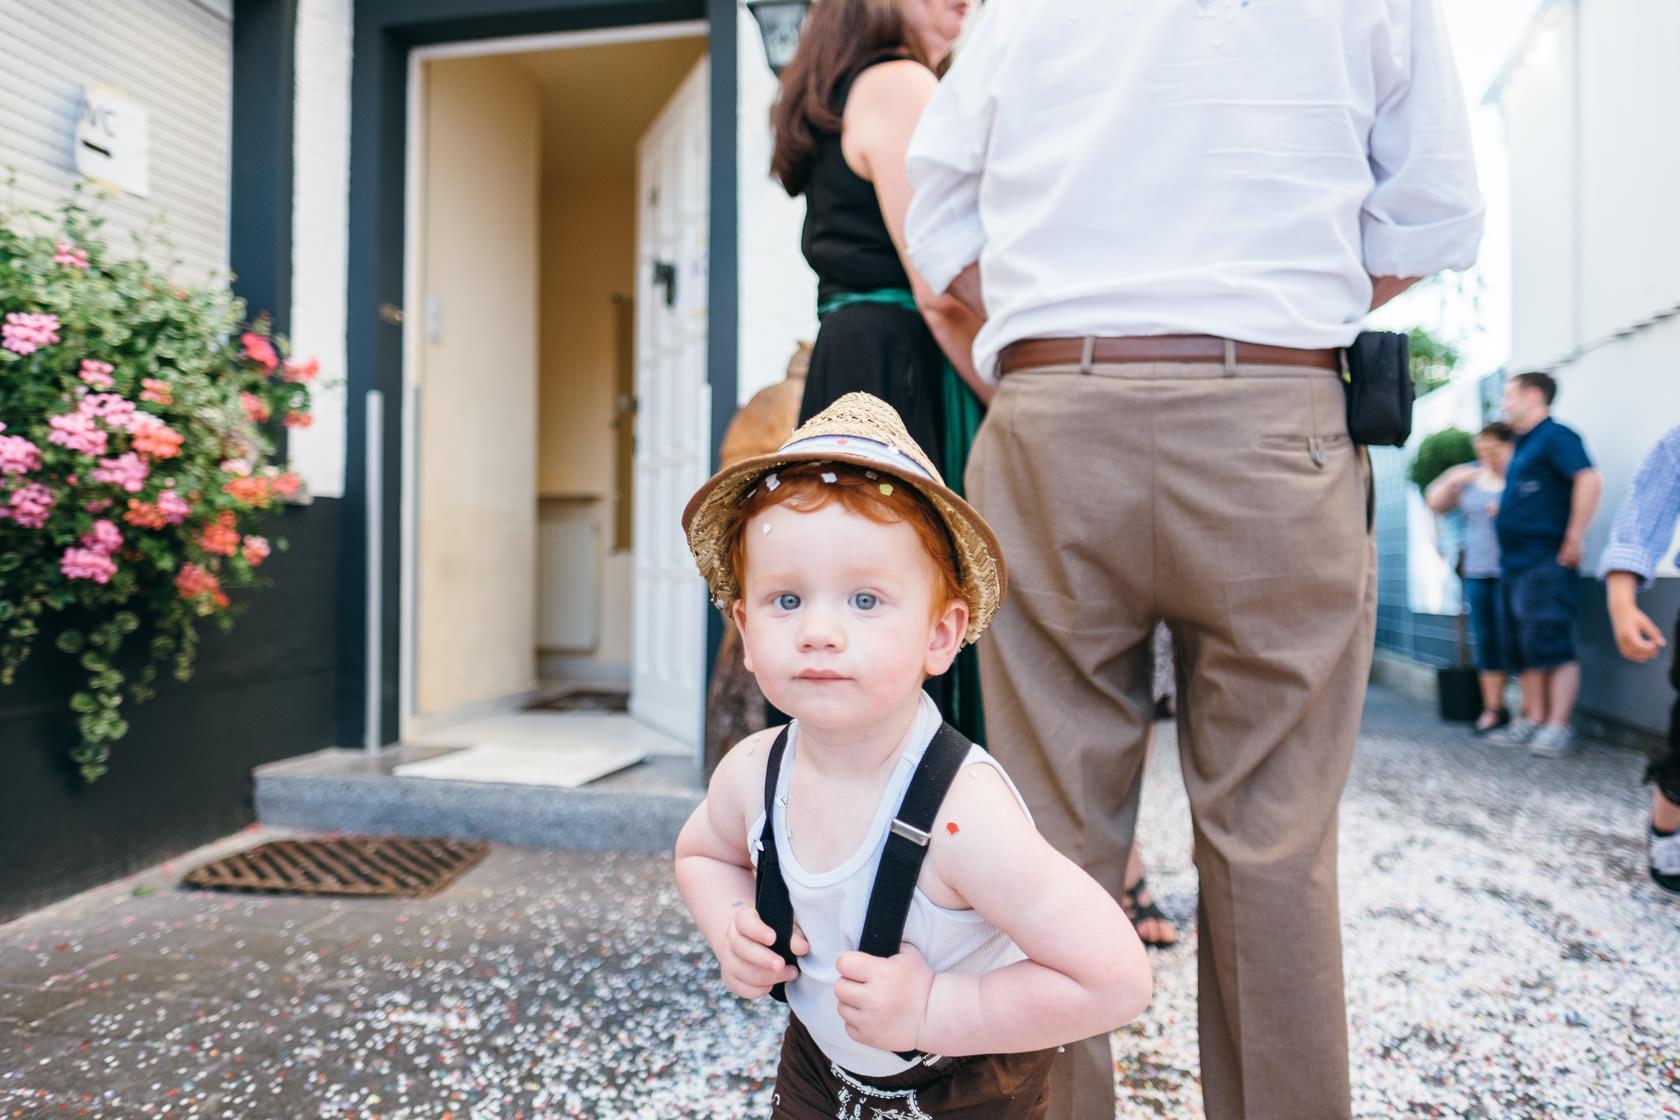 Bayrischer Polterabend in Norheim an der Nahe Alex und Jasmin Konfettikanone Hochzeit Konfetti Spaß Freude